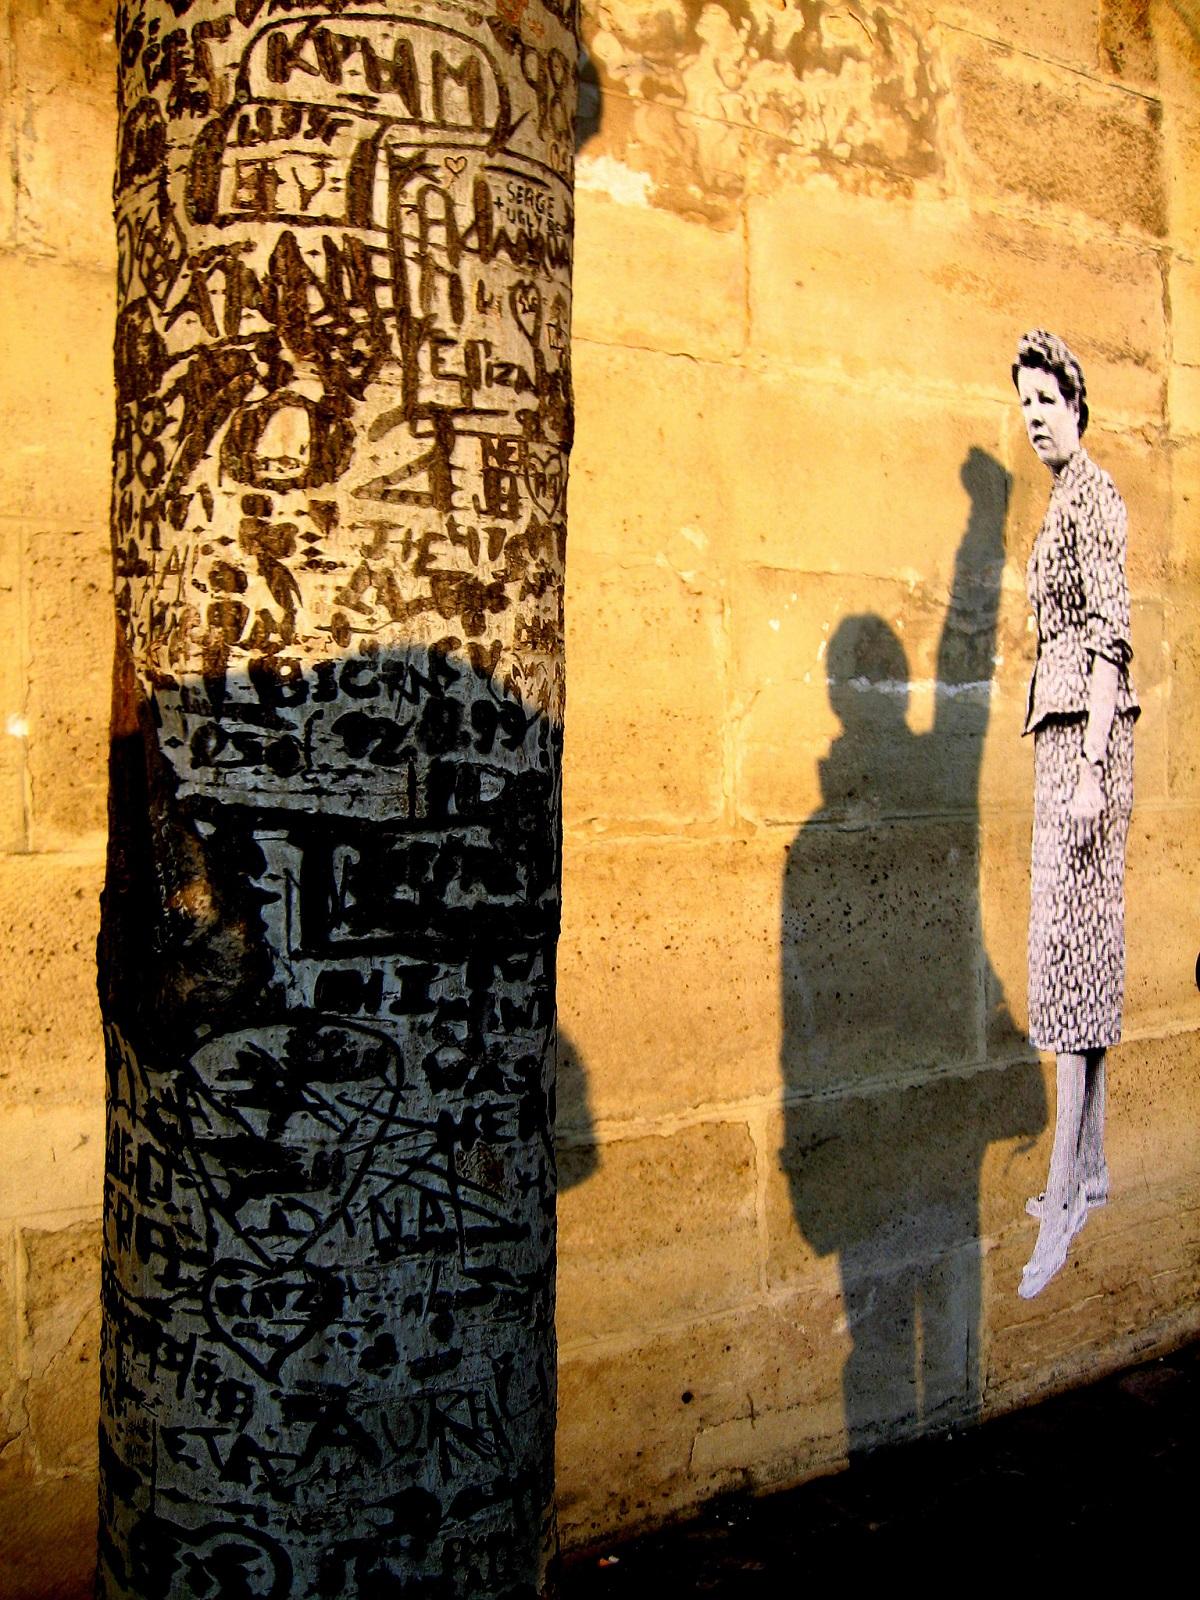 Flickr - Toujours le poing levé - Carlos ZGZ